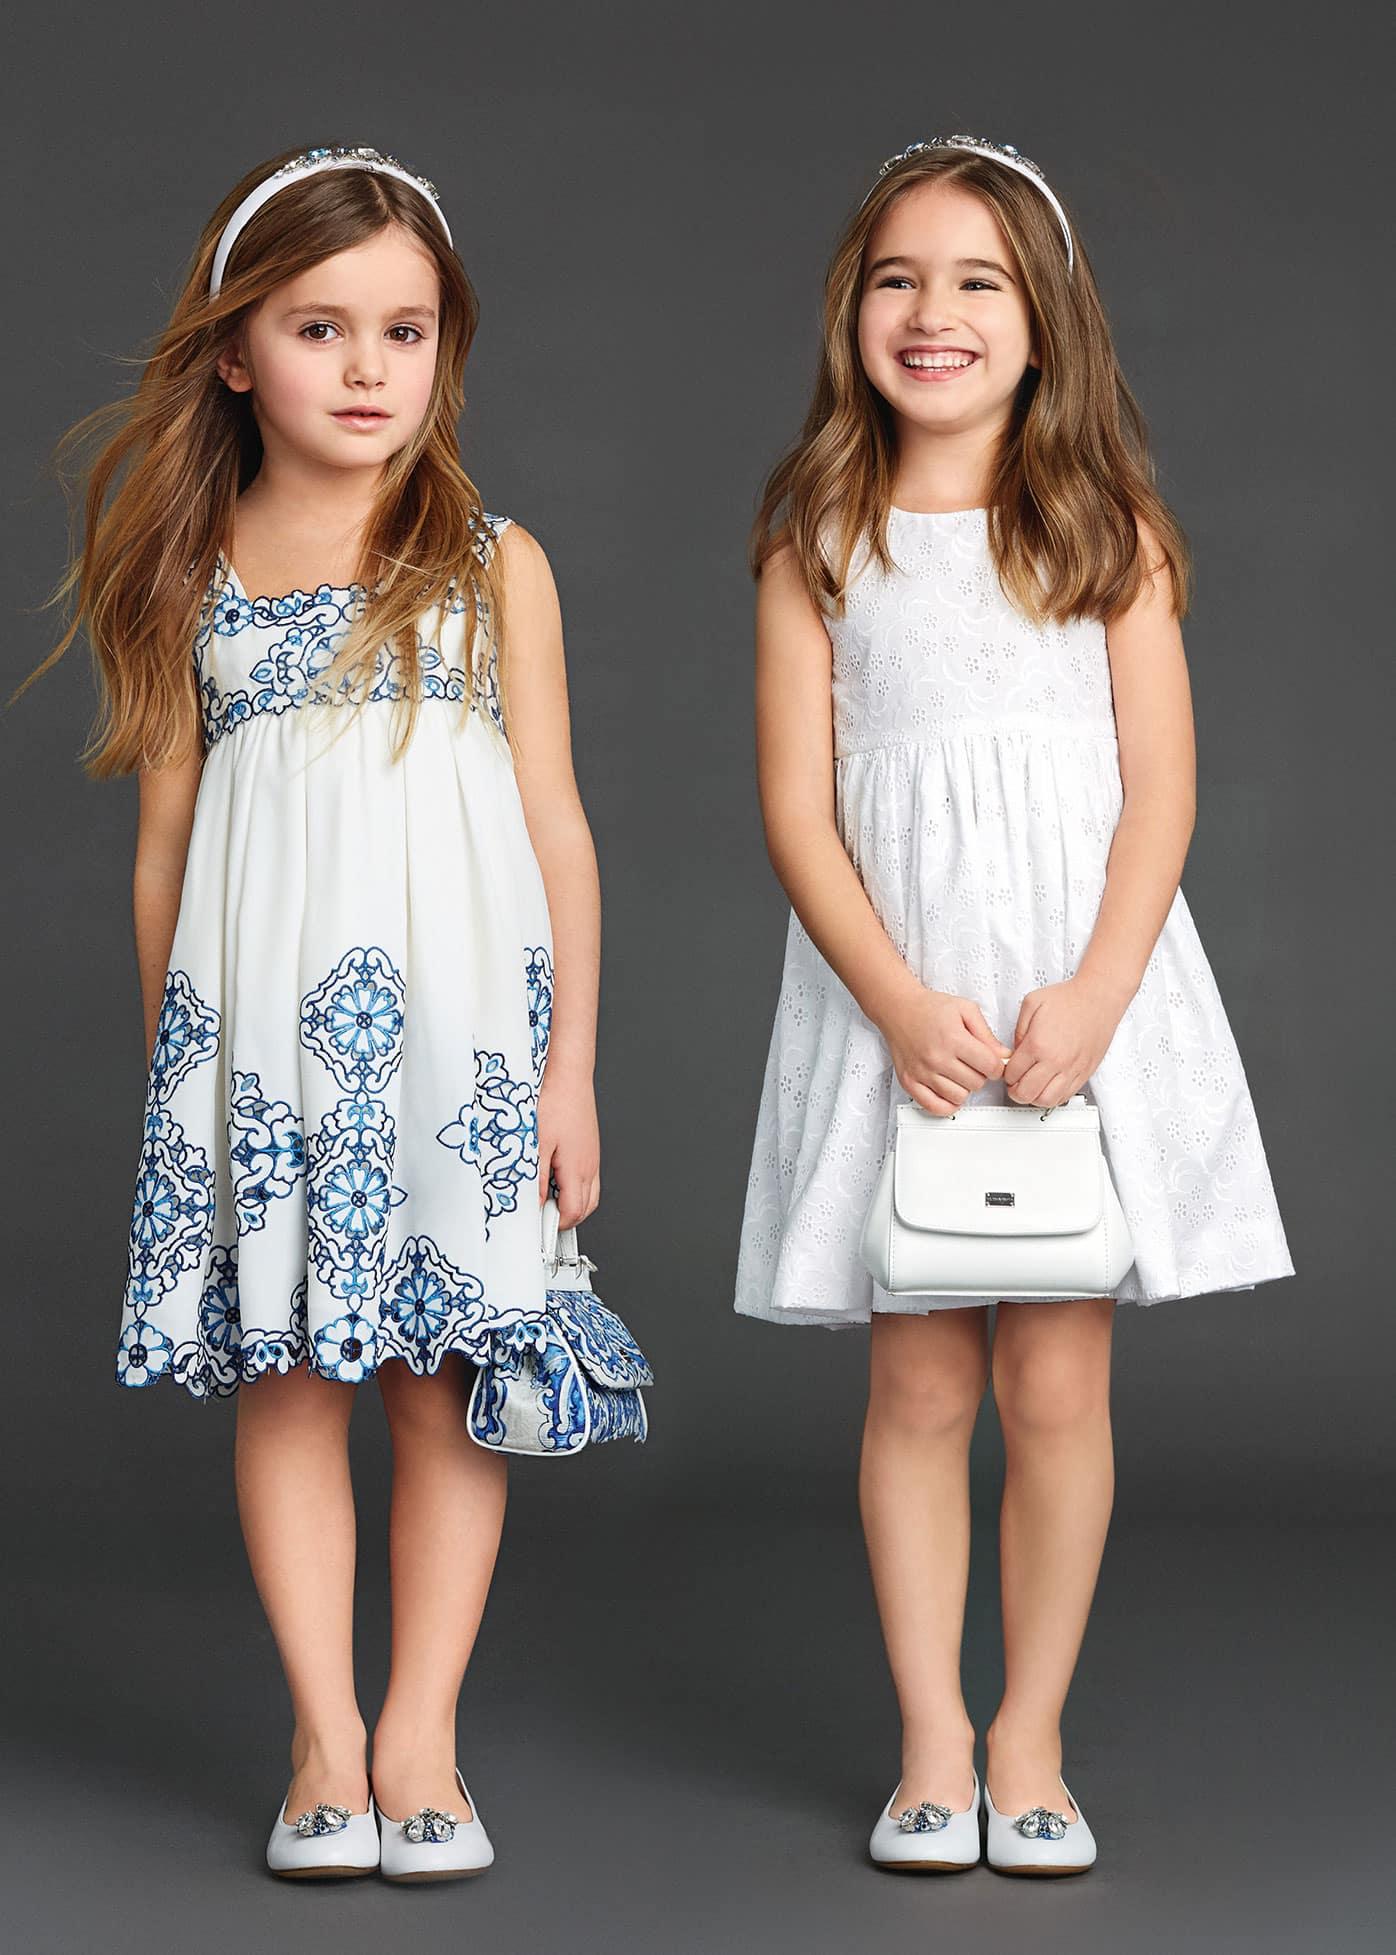 صور ملابس عيد الفطر للاطفال تجنن